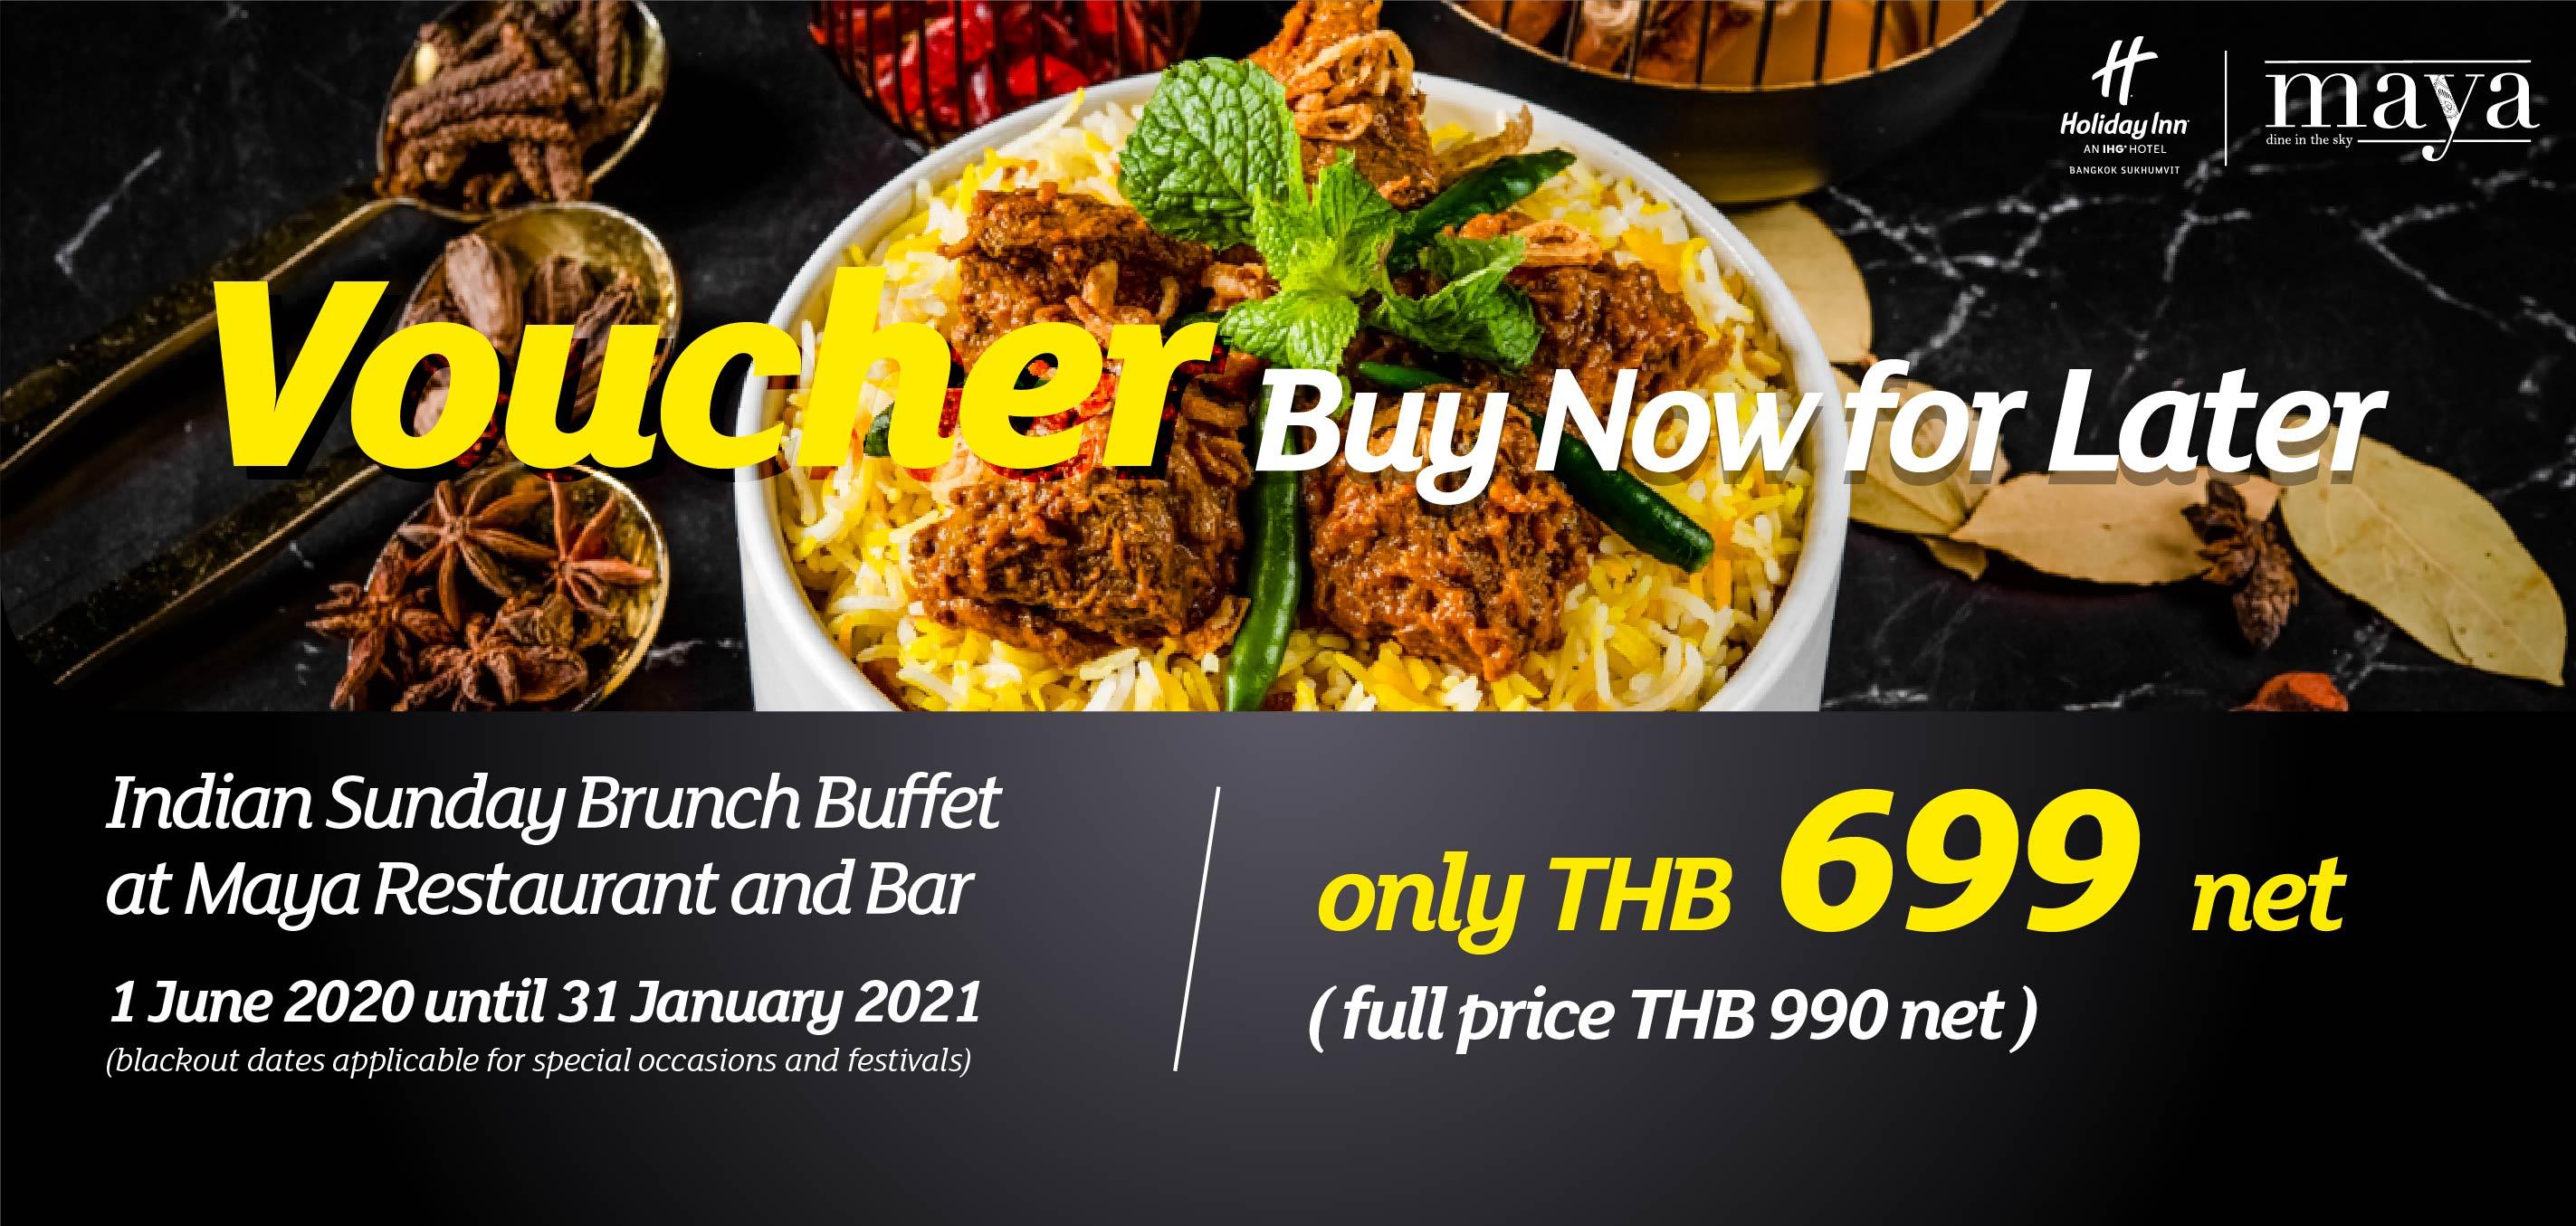 Indian Sunday Brunch Buffet at Maya Restaurant and Bar, Holiday Inn Bangkok Sukhumvit